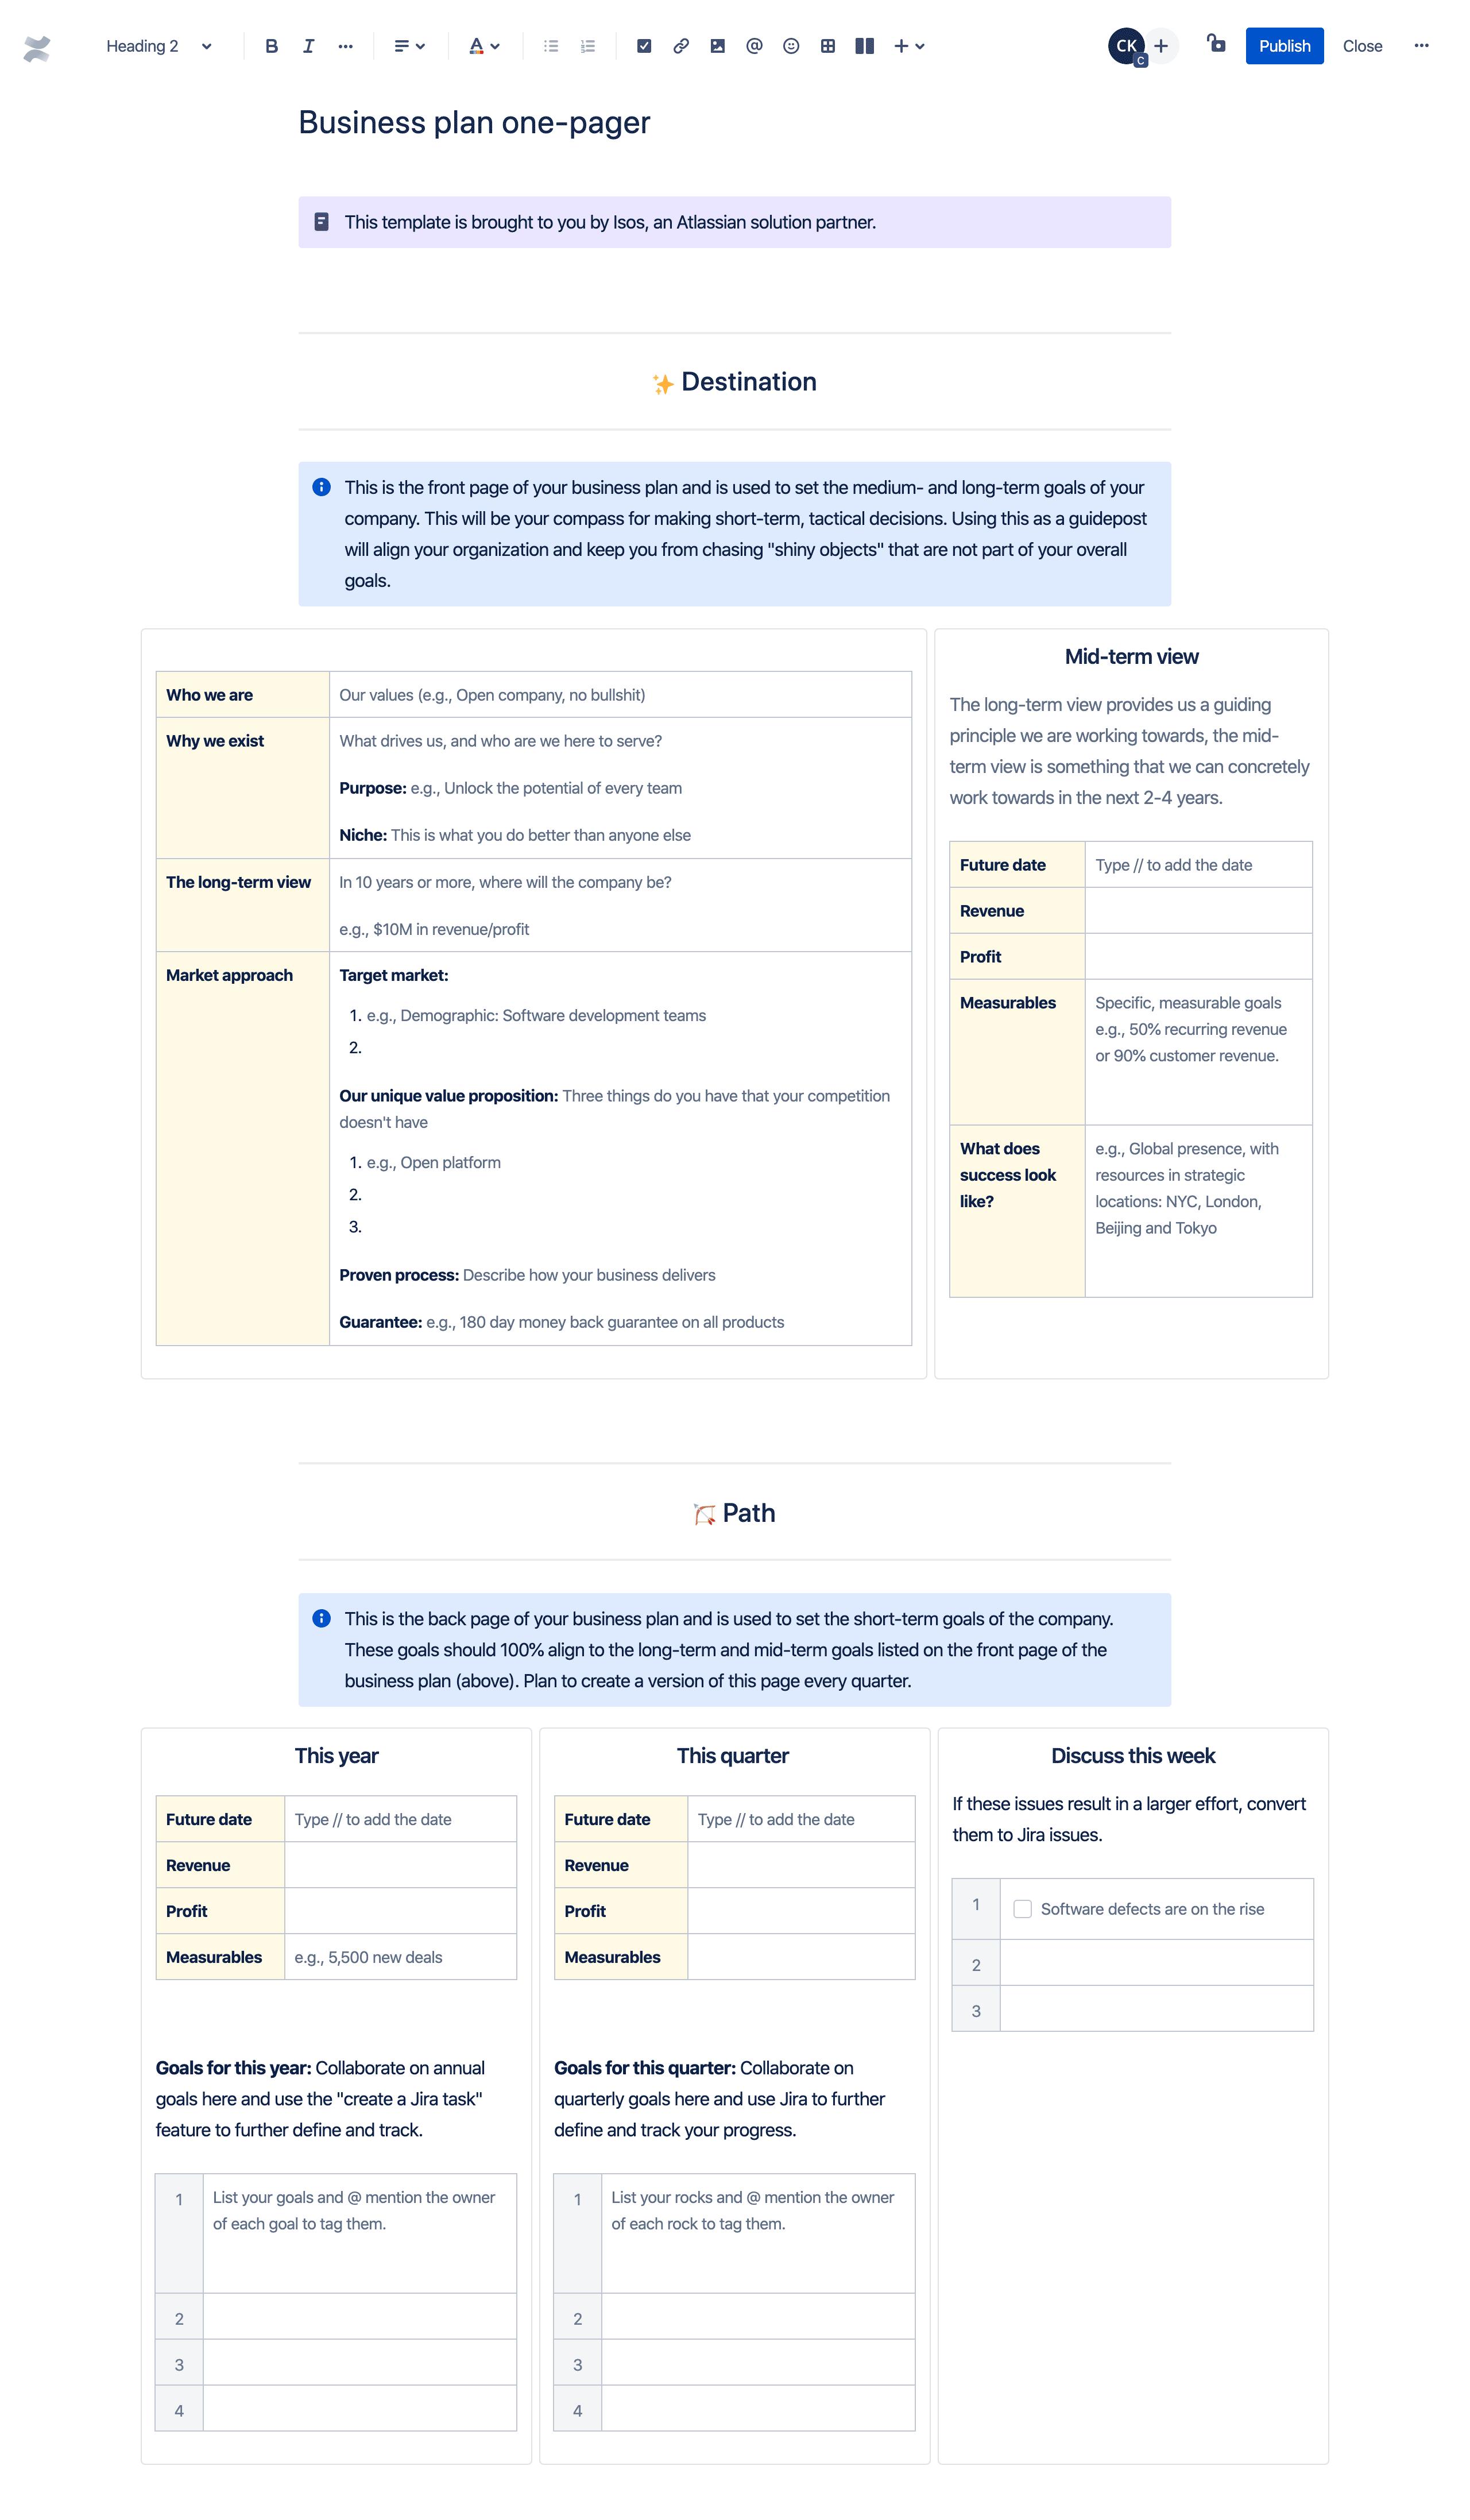 ビジネス計画のワンページャー テンプレート